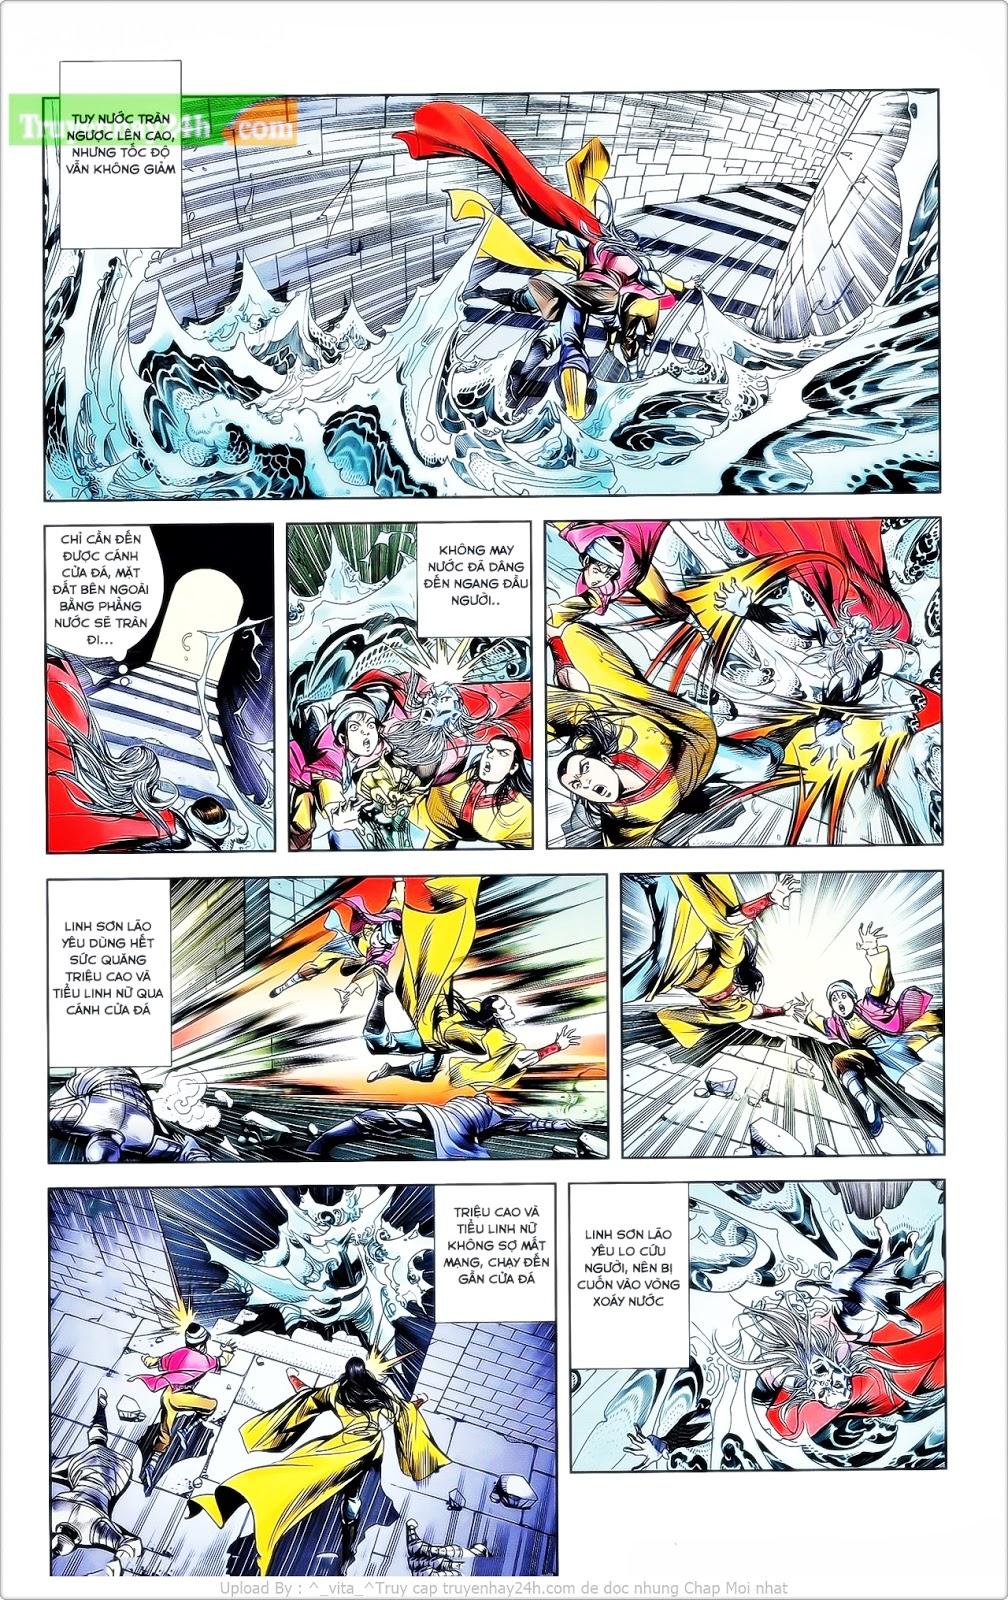 Tần Vương Doanh Chính chapter 26 trang 7